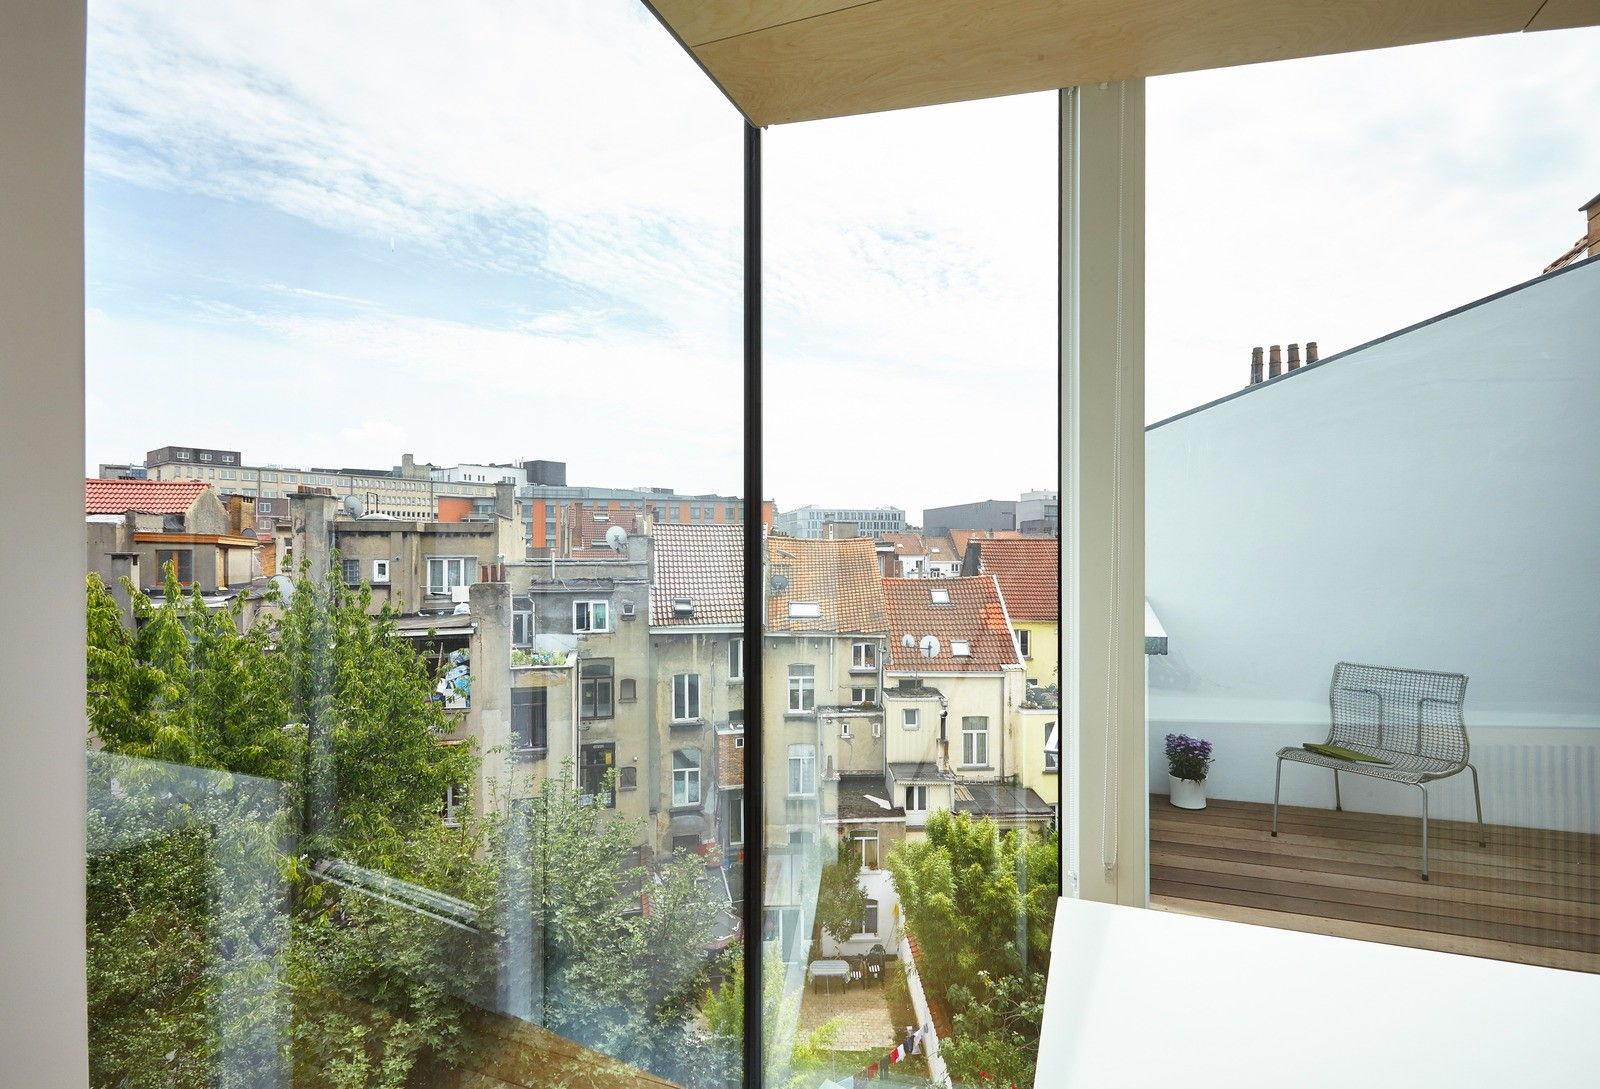 House-in-Belgium-just3ds.com-4